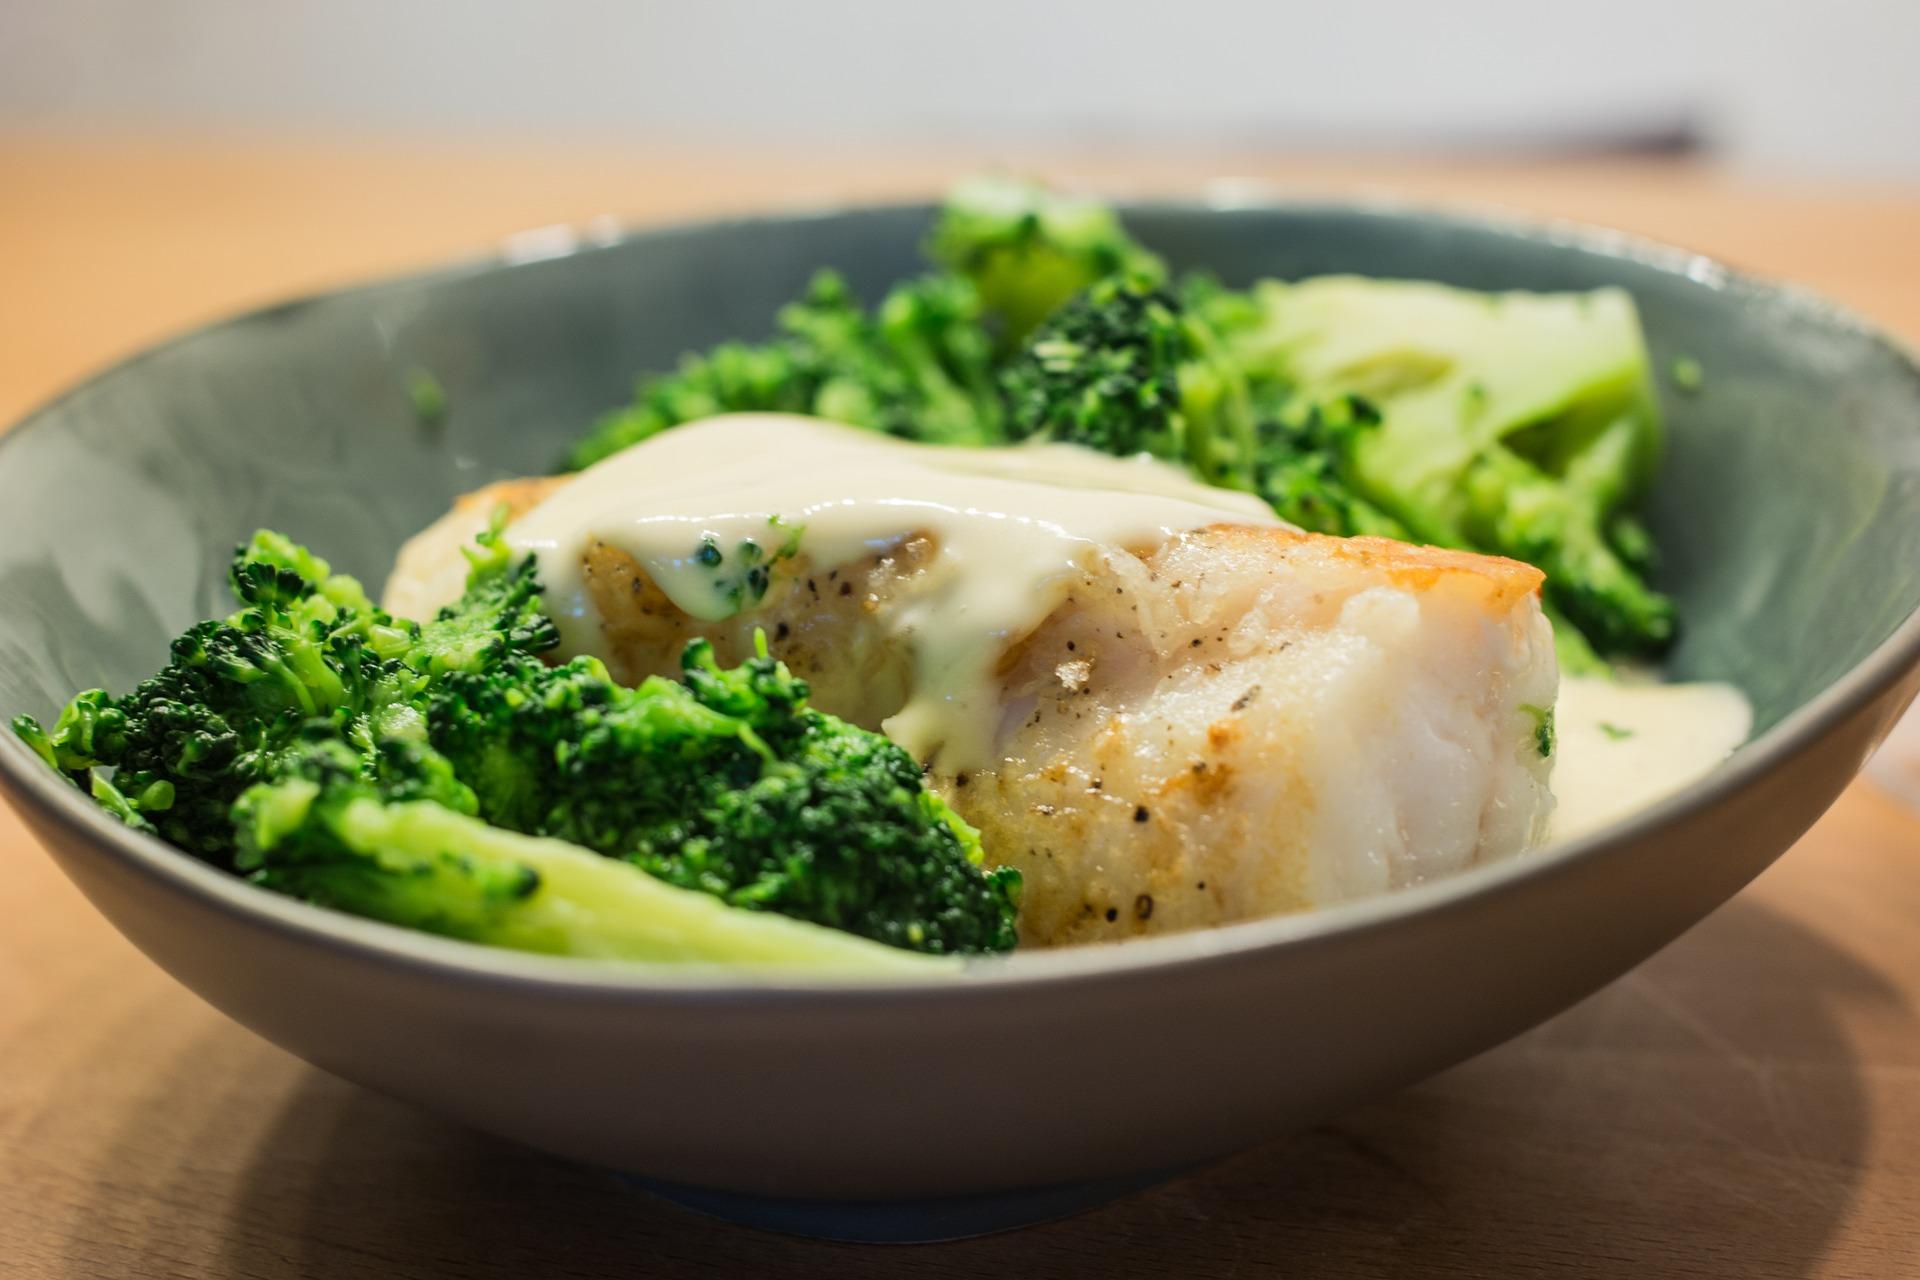 Un plat de lotte avec des brocolis